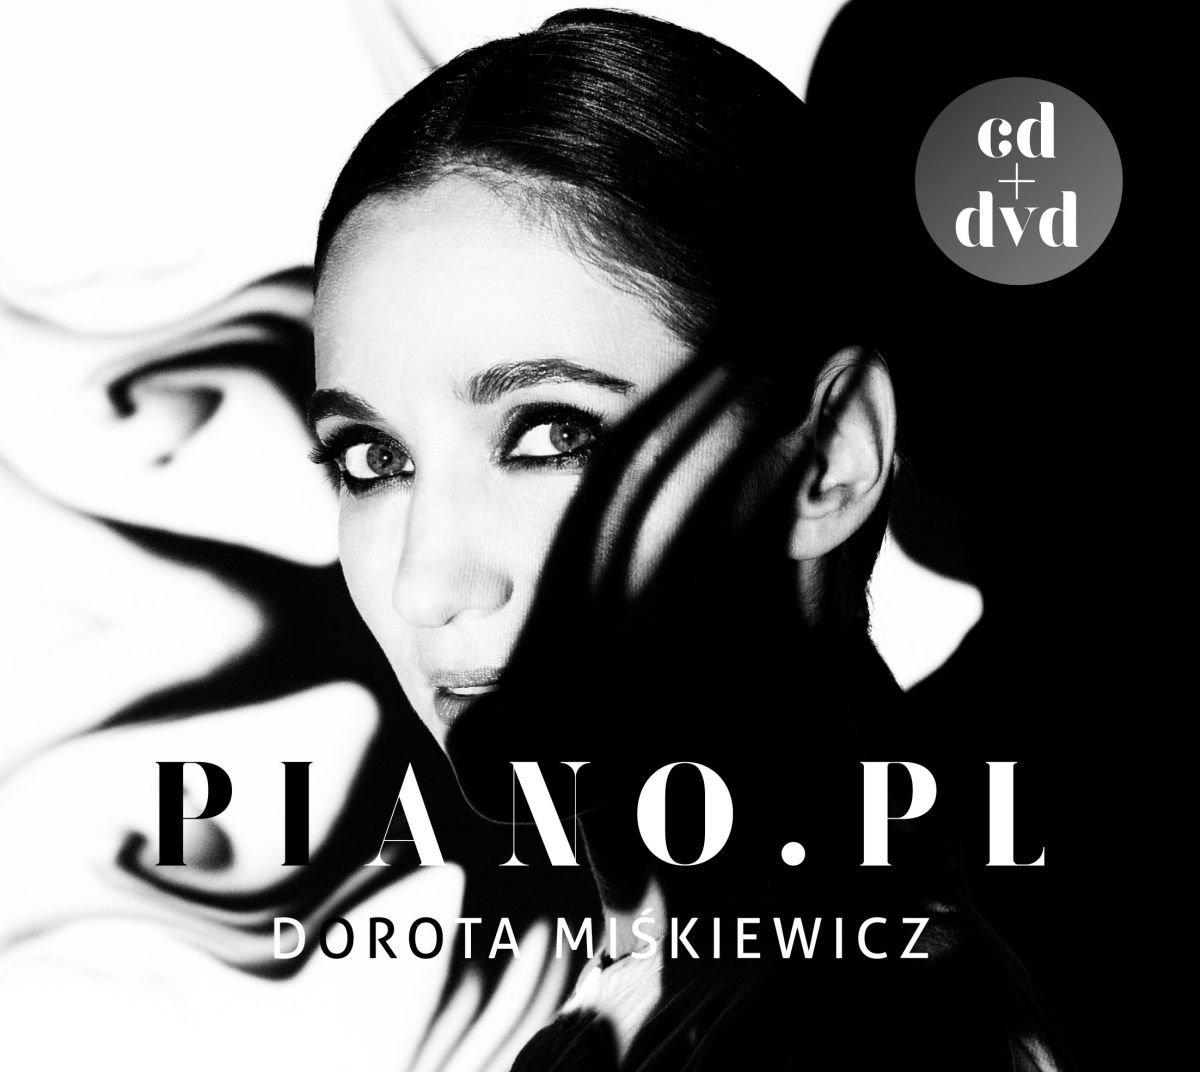 MIŚKIEWICZ DOROTA – Piano.pl